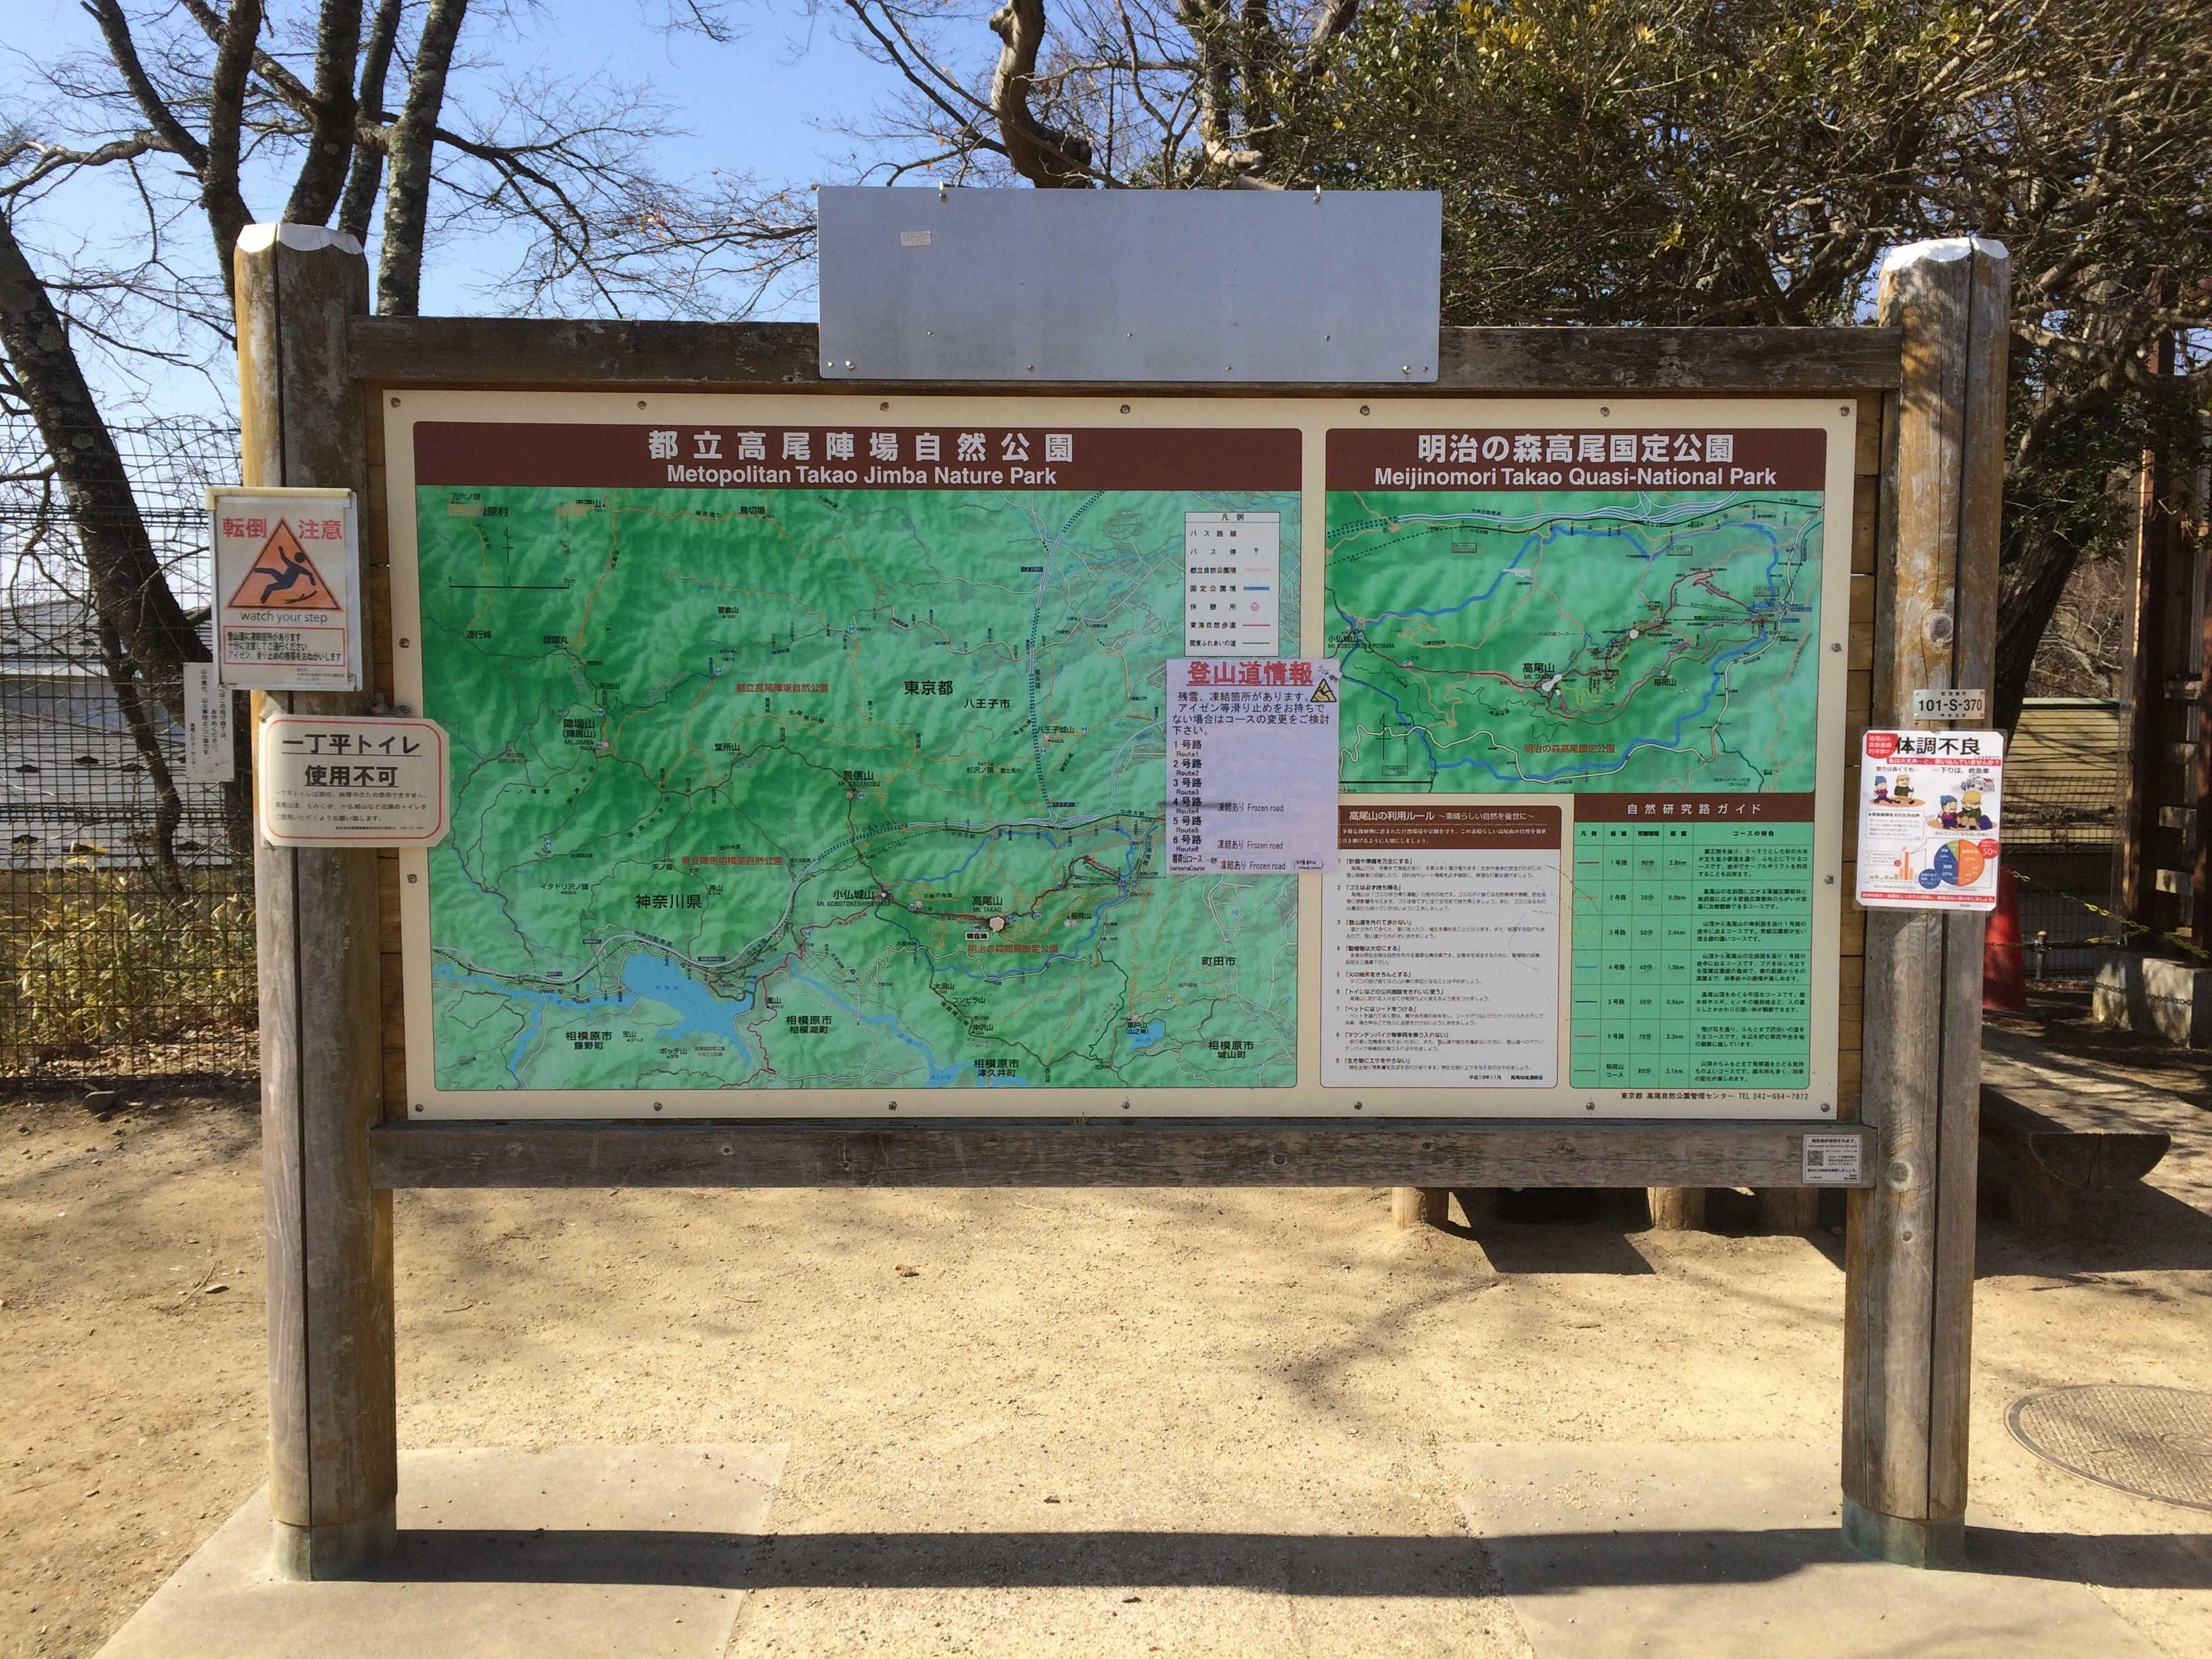 都立高尾陣場自然公園・明治の森高尾国定公園